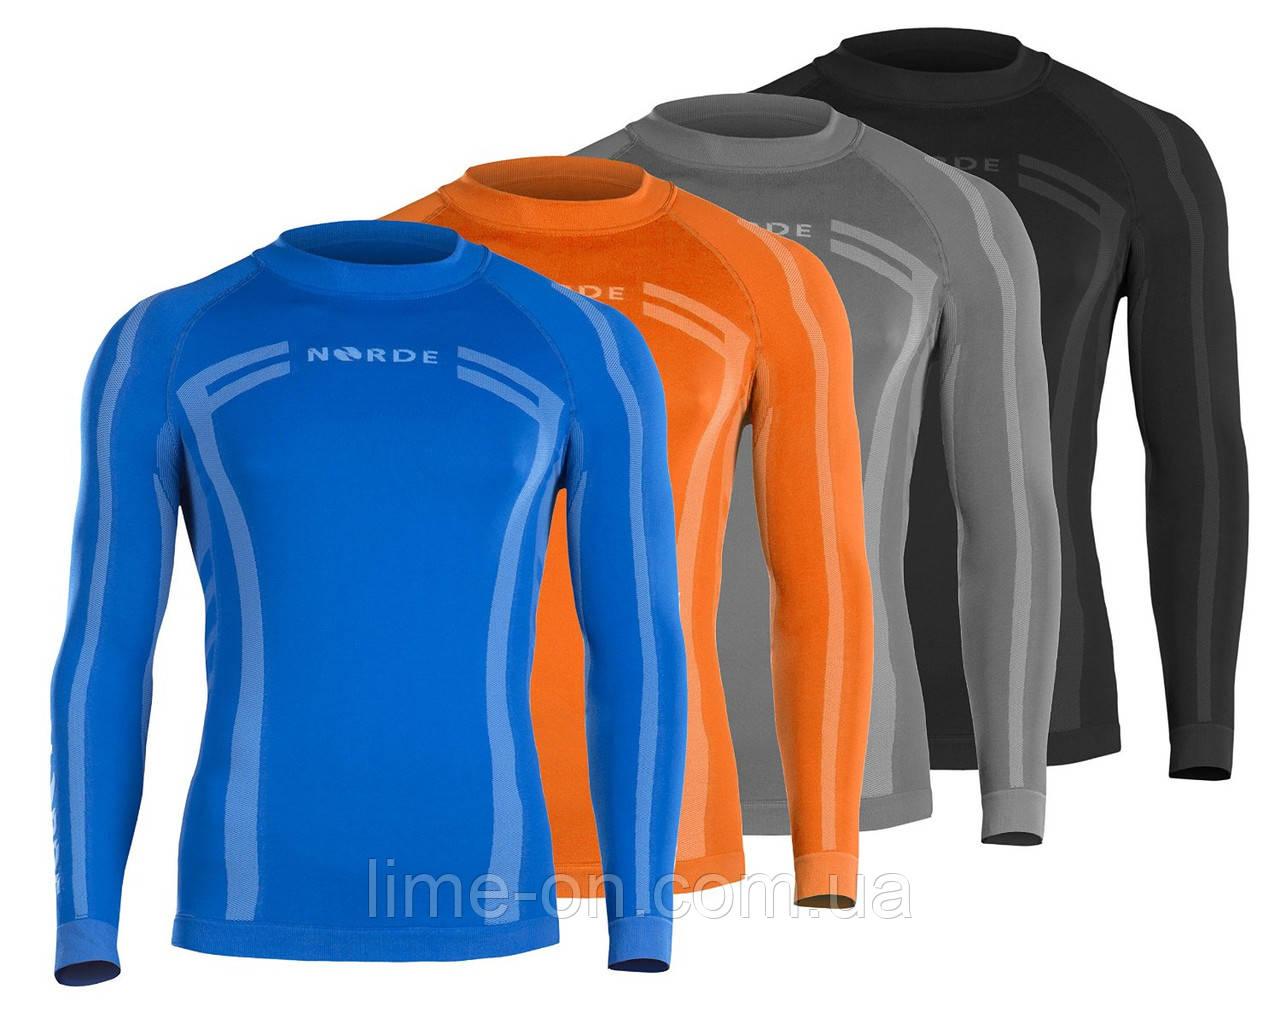 Купить Одежду Фитнеса Интернет